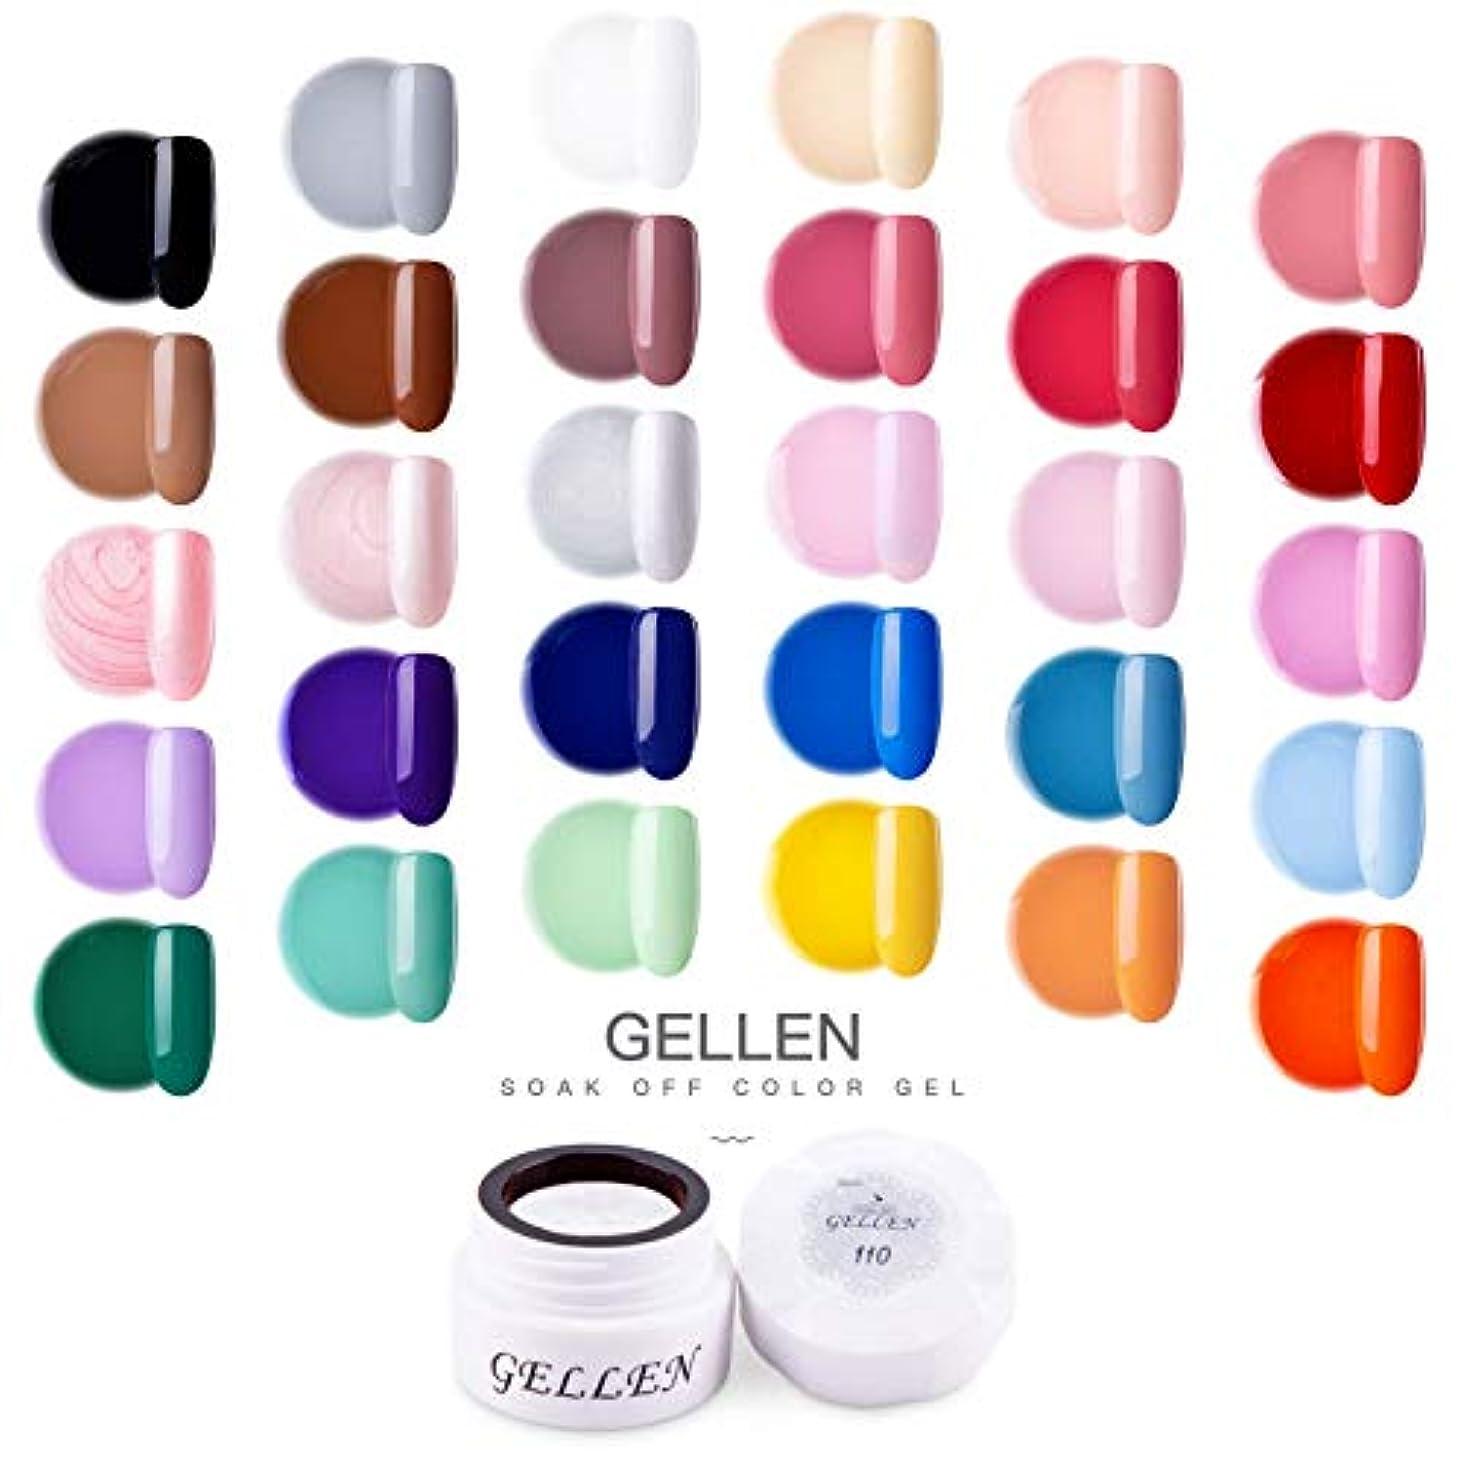 酔っ払いグラス想起Gellen カラージェル 30色定番カラー セット 高品質 5g ジェルネイル カラー ネイルブラシ付き